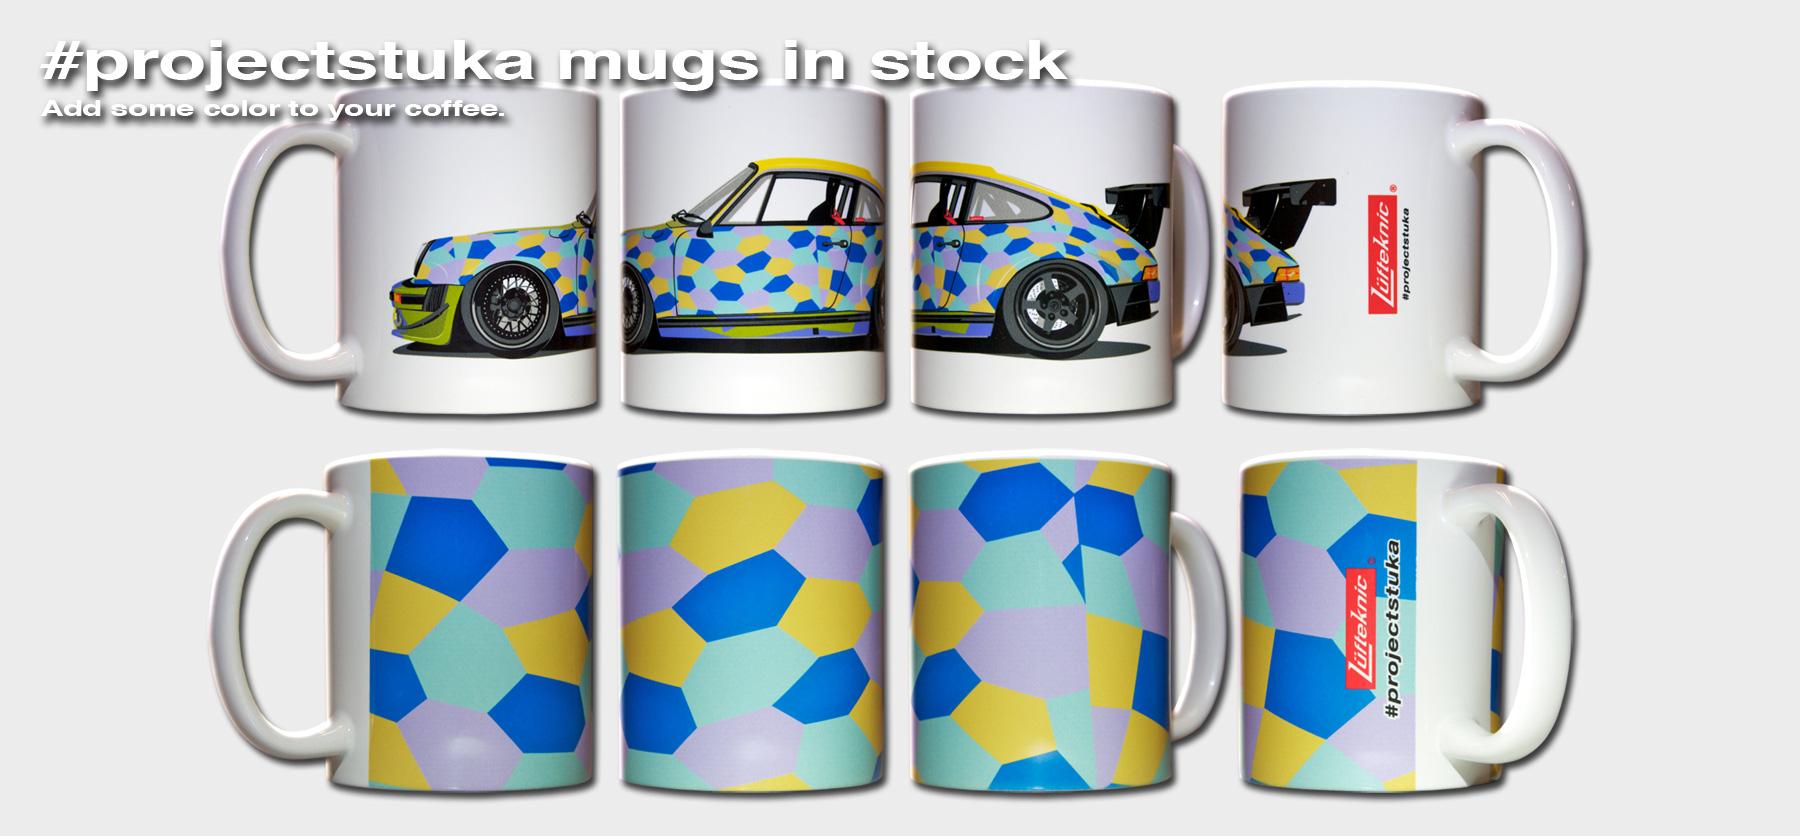 #projectstuka mug promotion image